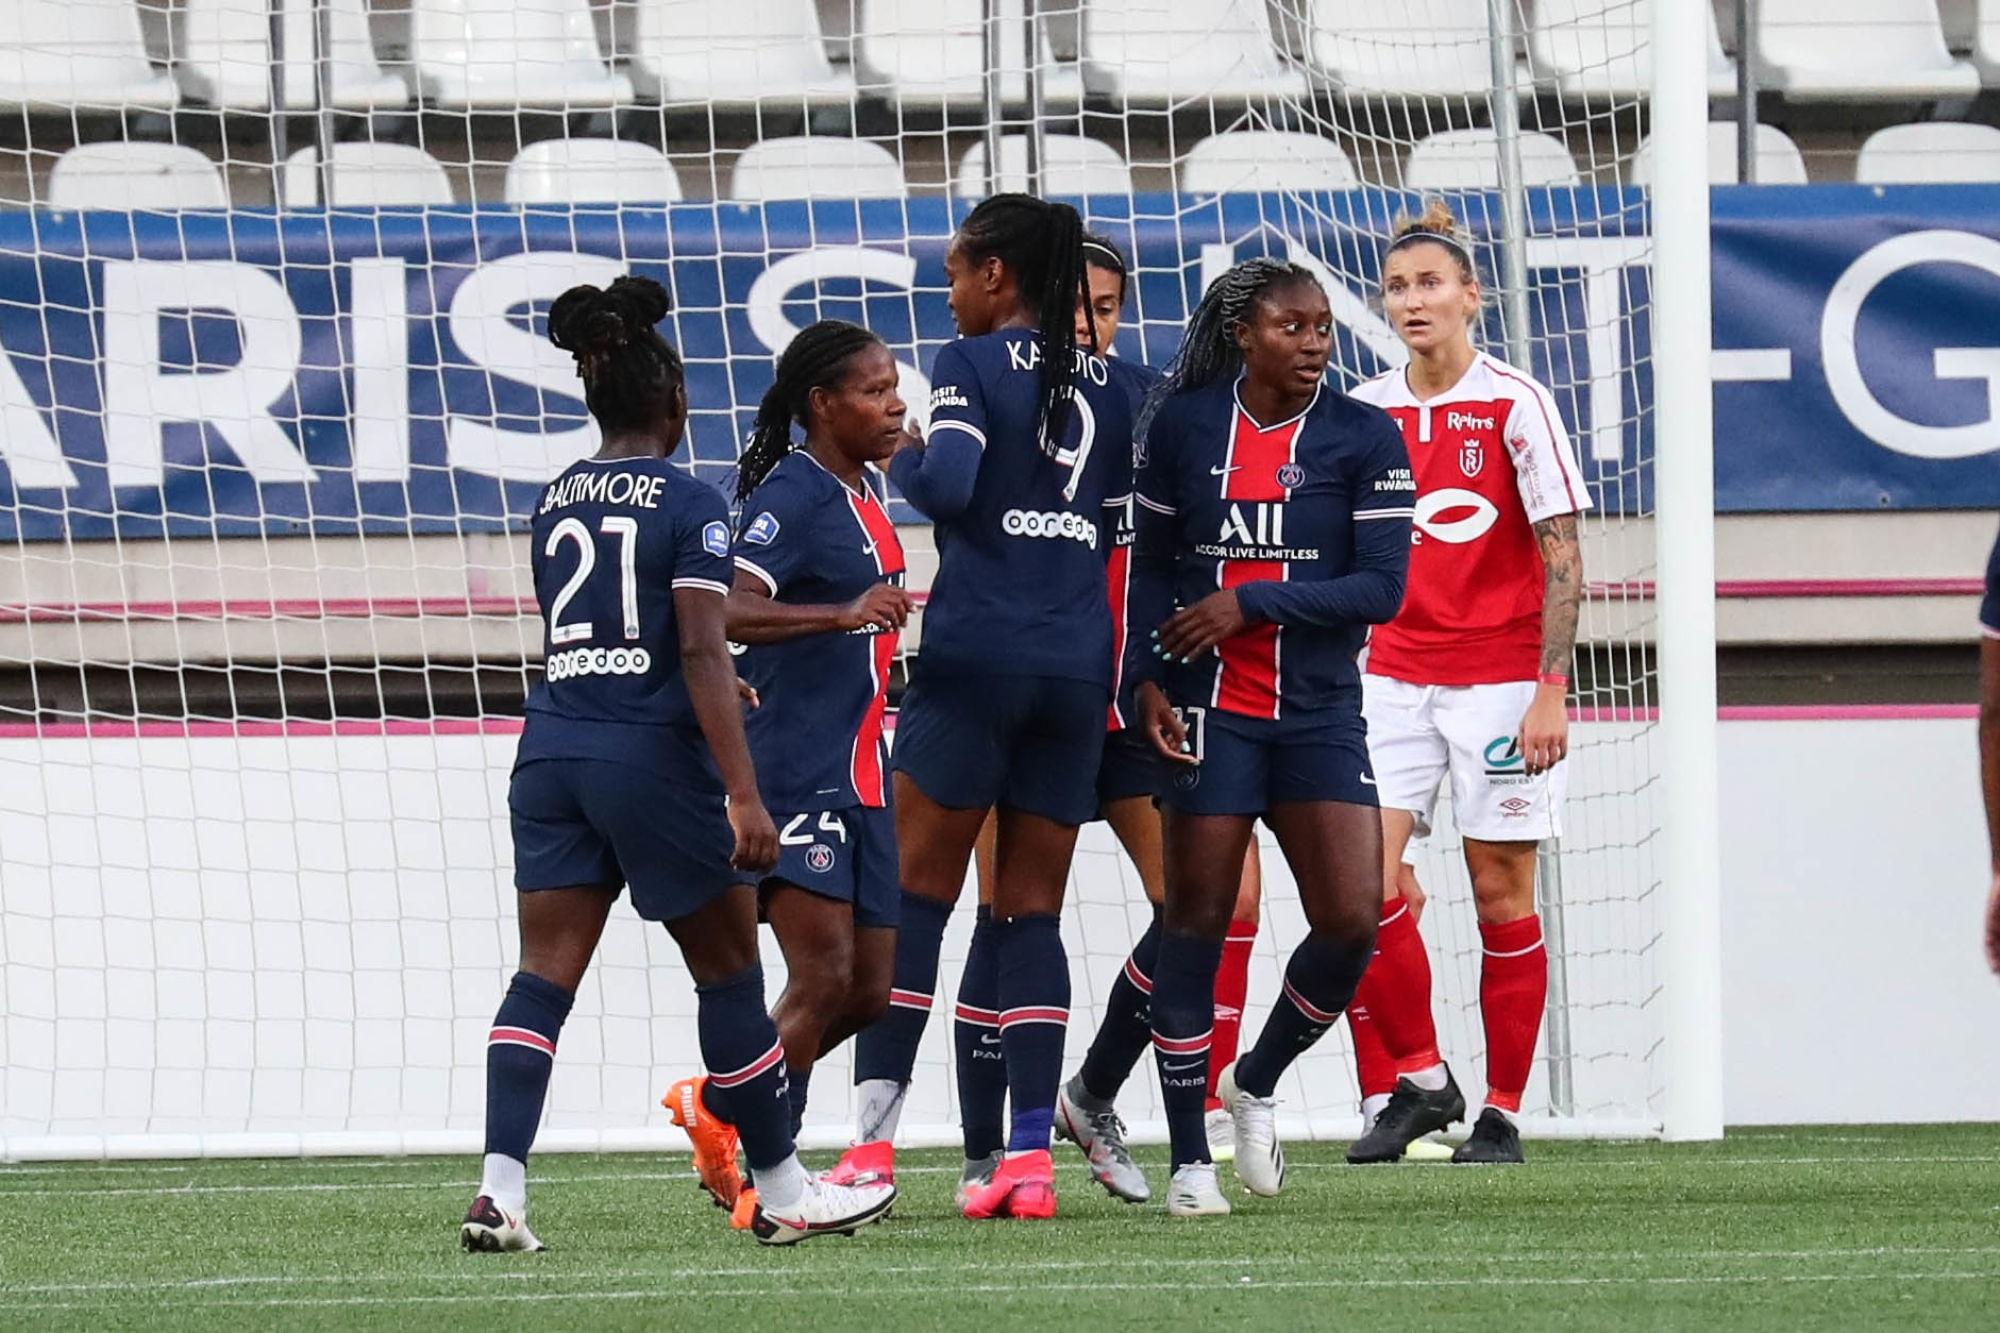 Le PSG s'impose joliment face à Reims !